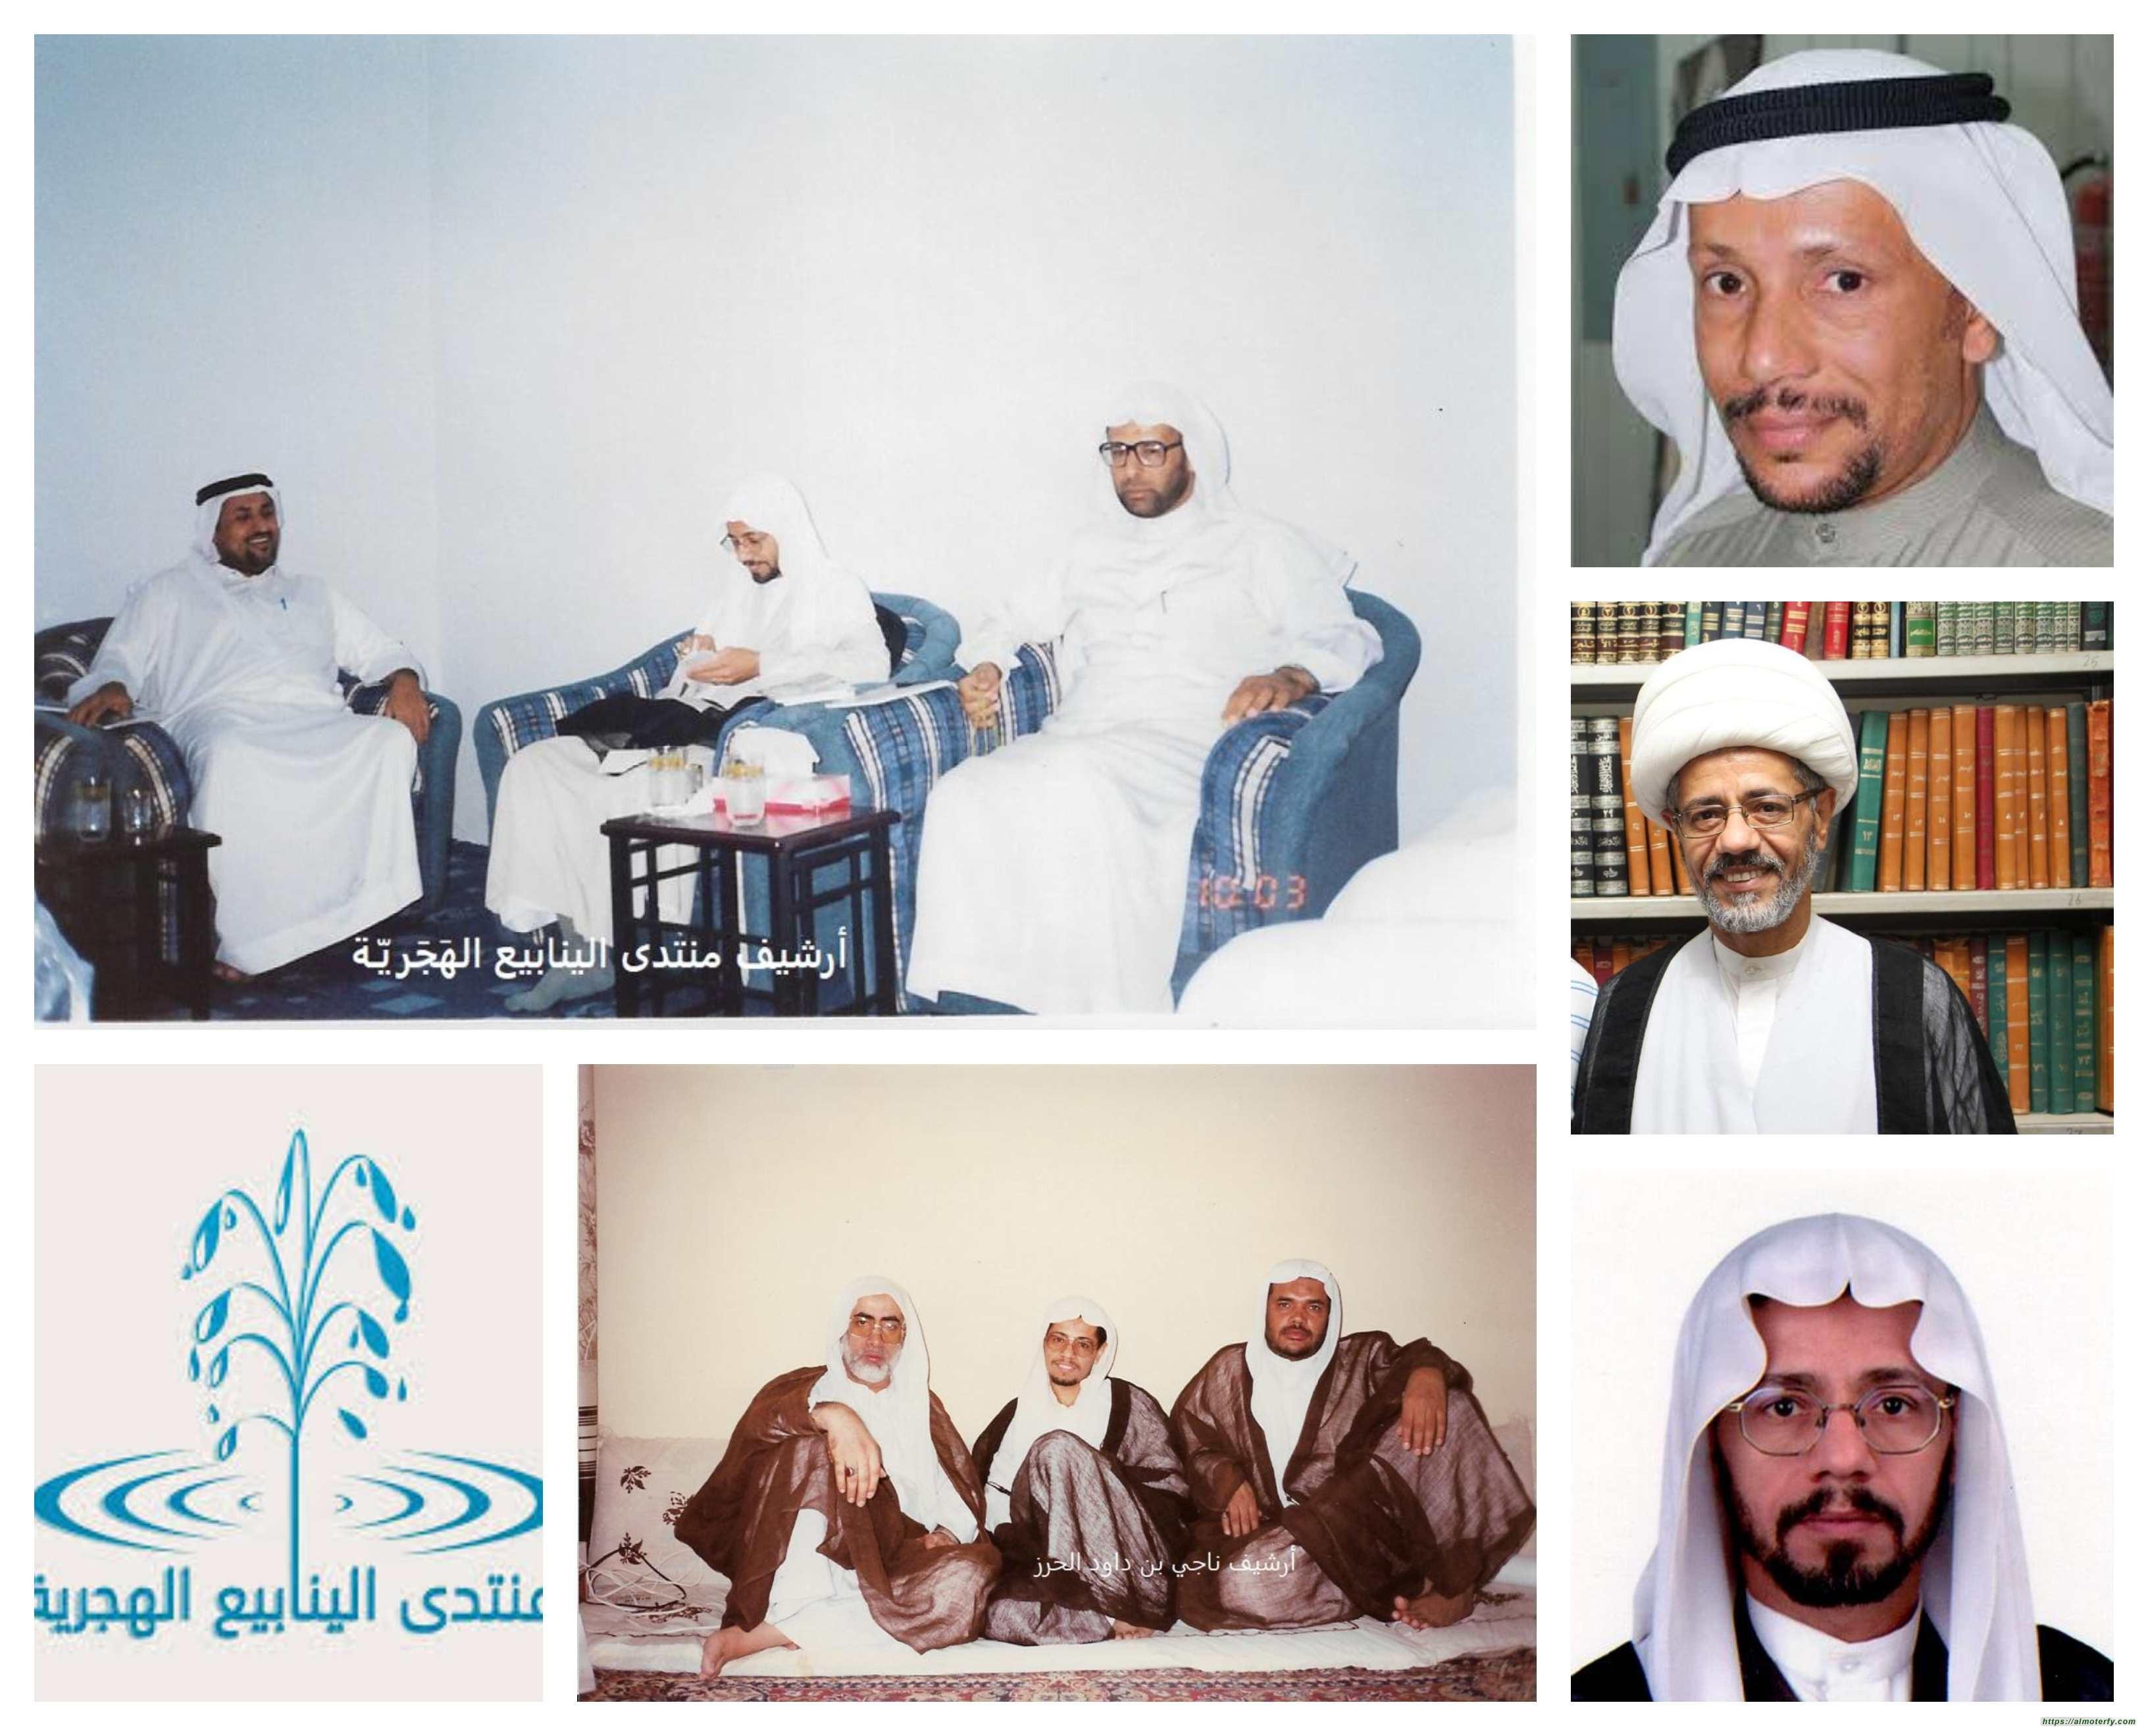 من كتاب ( حكاية الينابيع )حكايةالعلامةالشيخ محمد بن جابر الجاسم